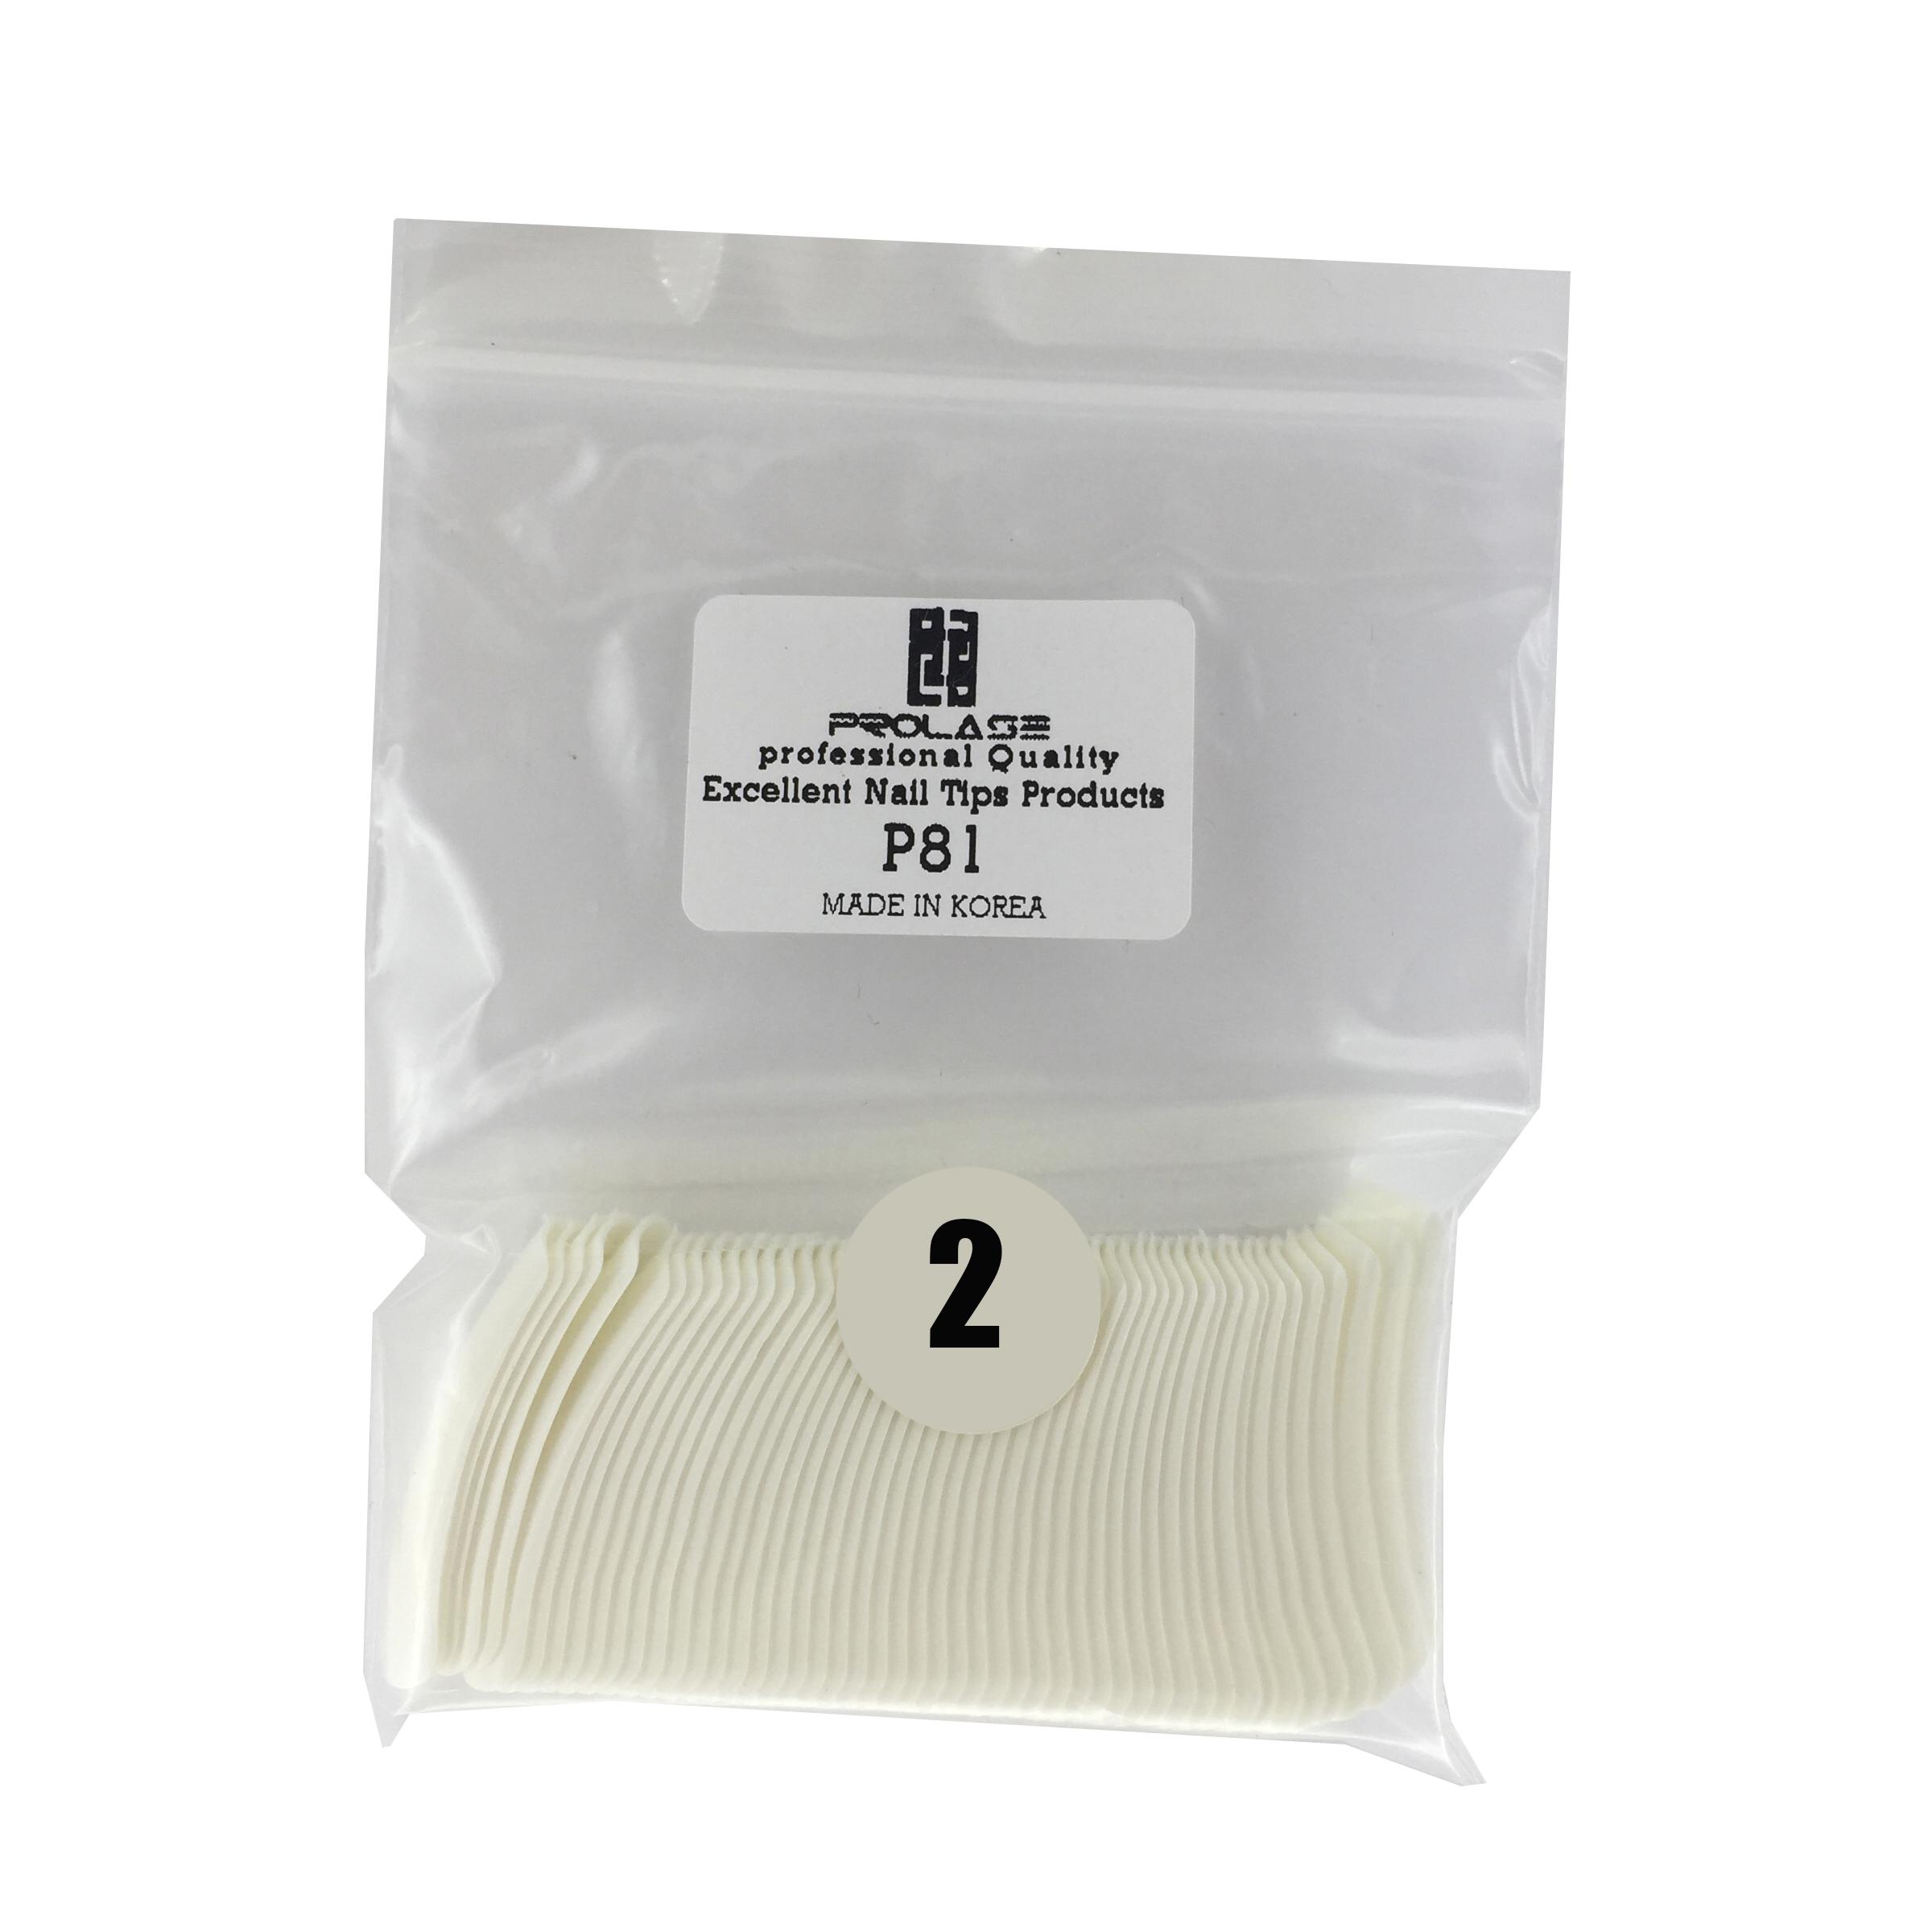 تیپ کاشت ناخن پرولایز شماره 2 - p81 بسته 50 عددی